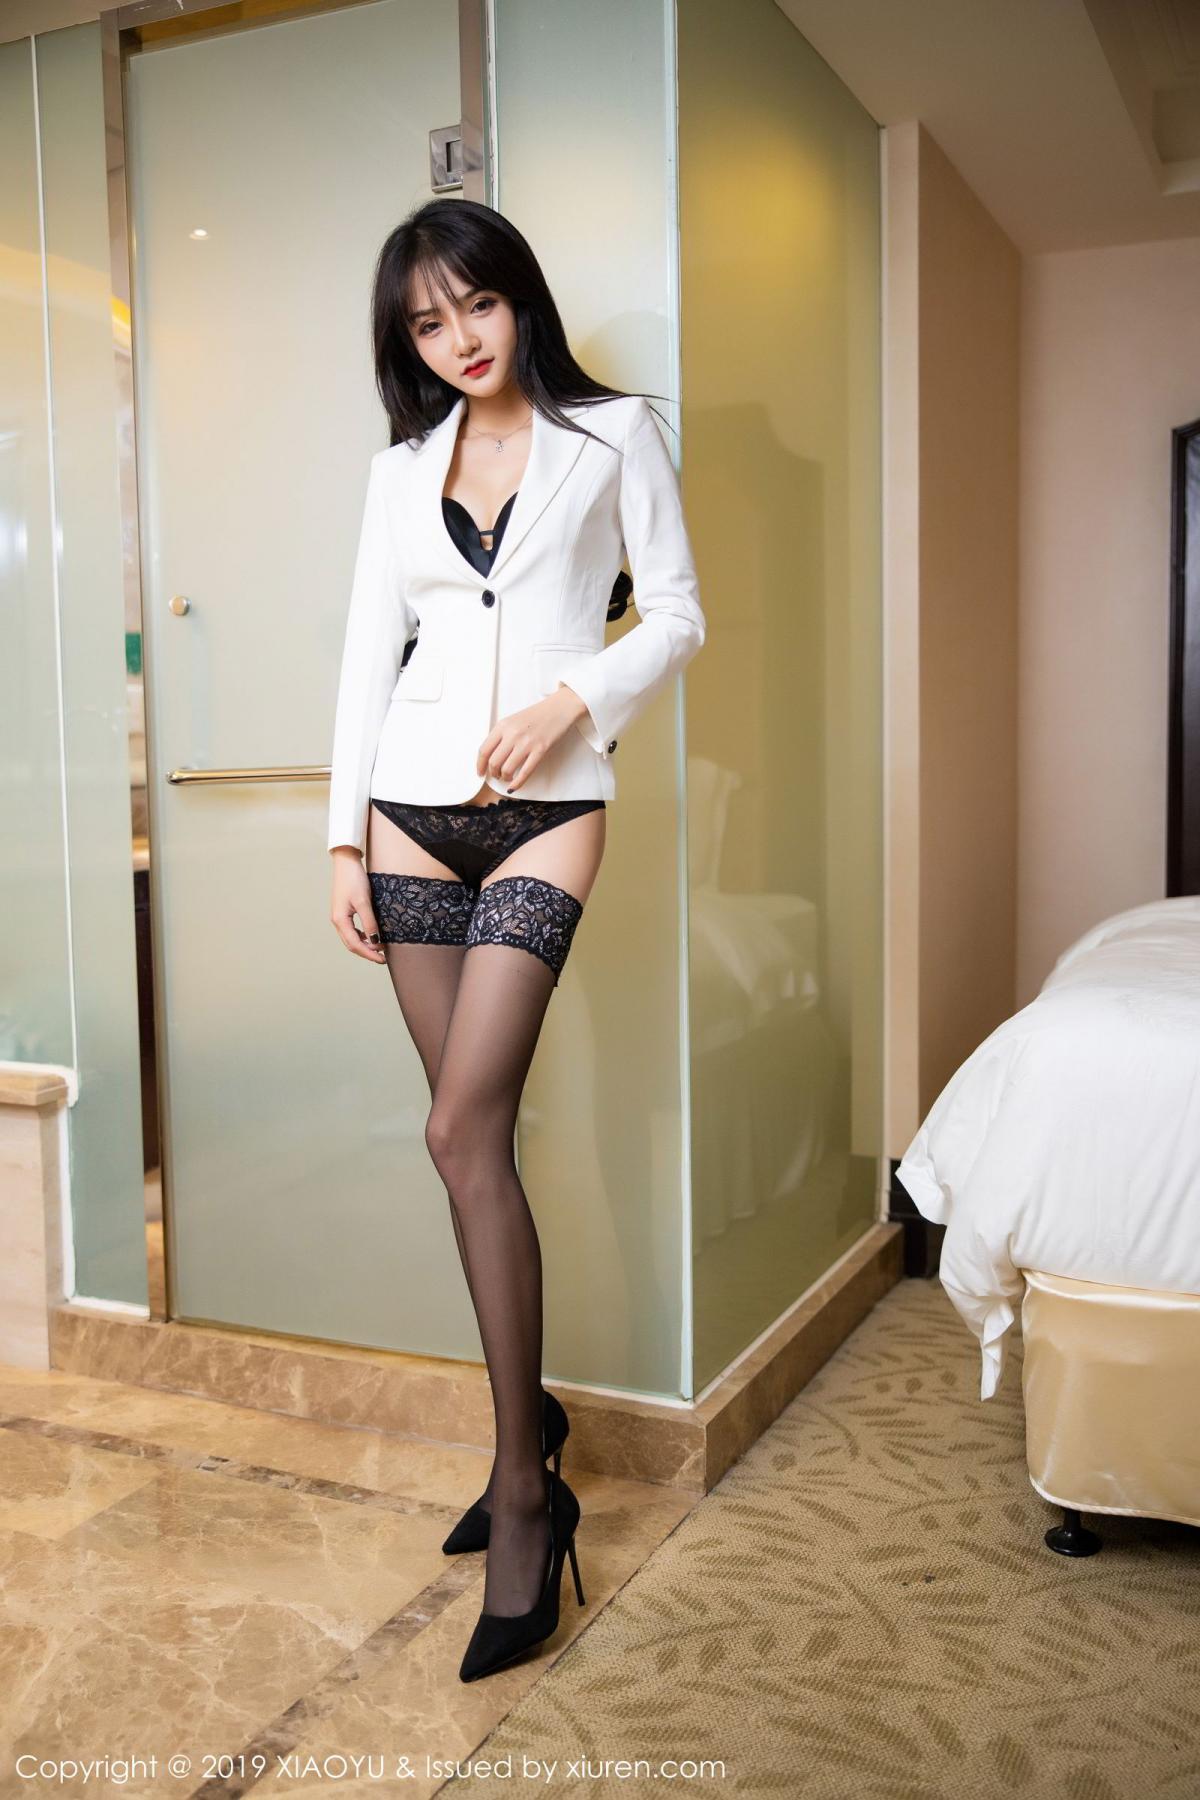 [XiaoYu] Vol.200 Miko Jiang 12P, Miko Jiang, Slim, Tall, Underwear, XiaoYu